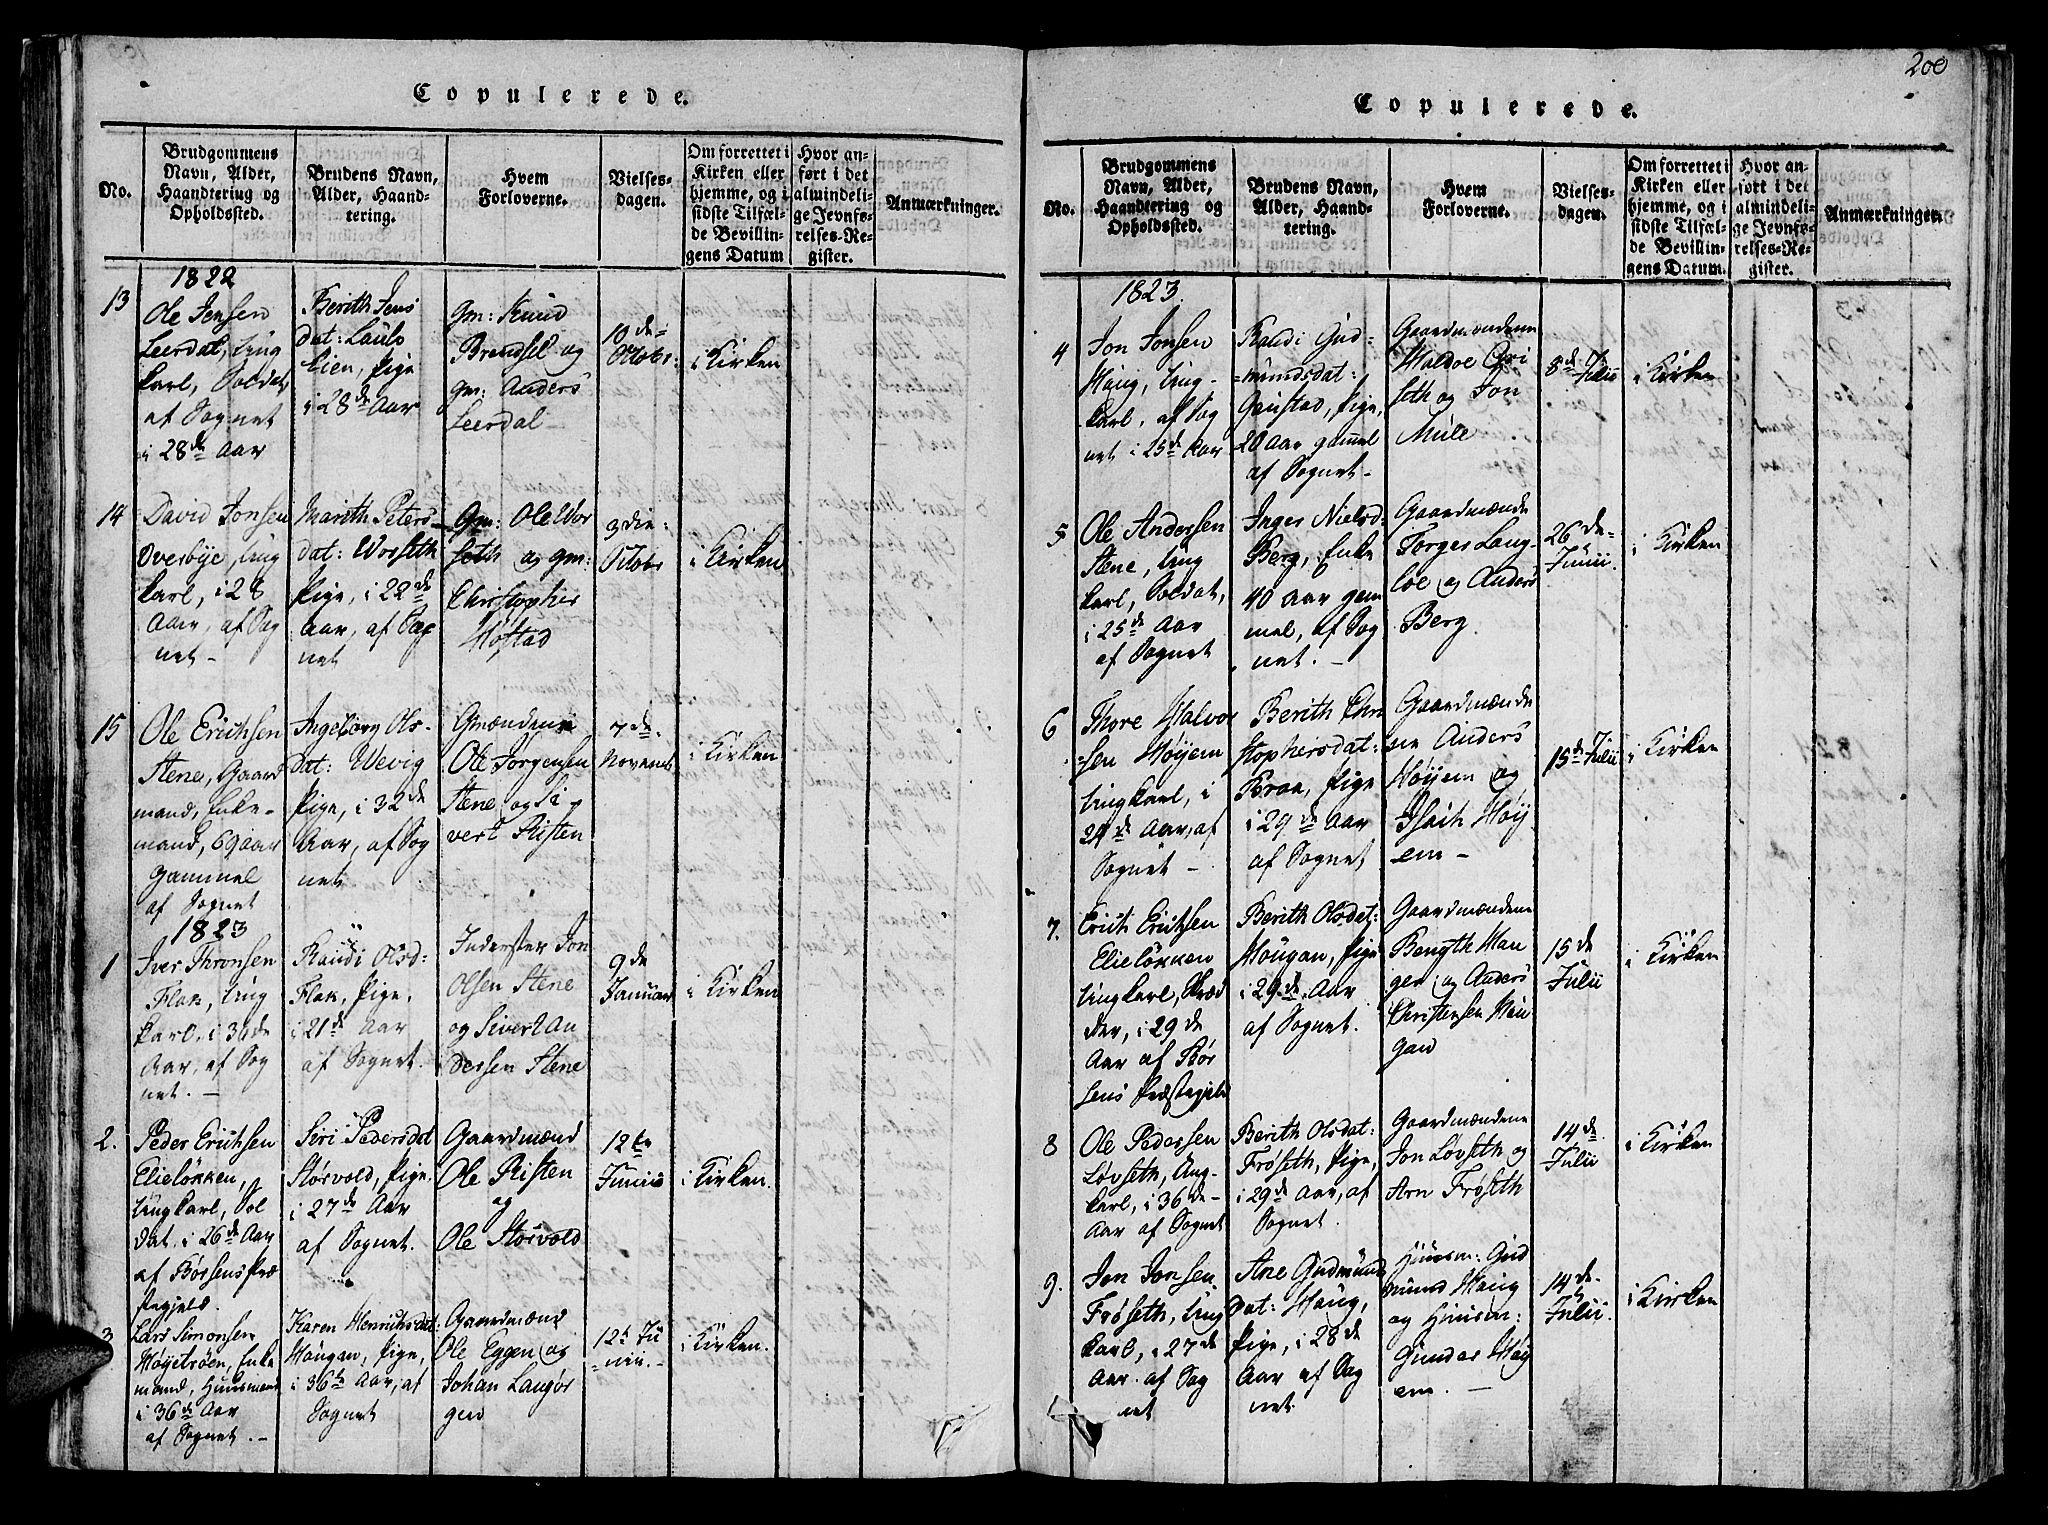 SAT, Ministerialprotokoller, klokkerbøker og fødselsregistre - Sør-Trøndelag, 612/L0372: Ministerialbok nr. 612A06 /1, 1816-1828, s. 200